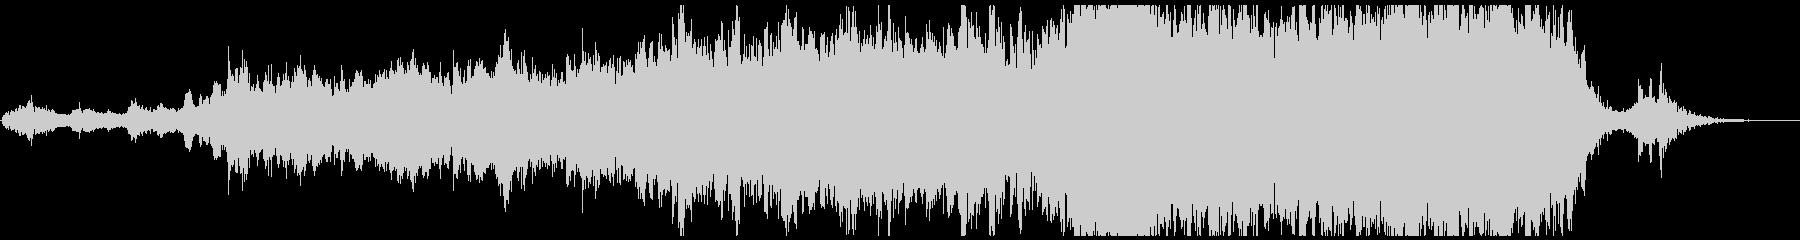 ローテンポなエピック系トレーラー音楽の未再生の波形